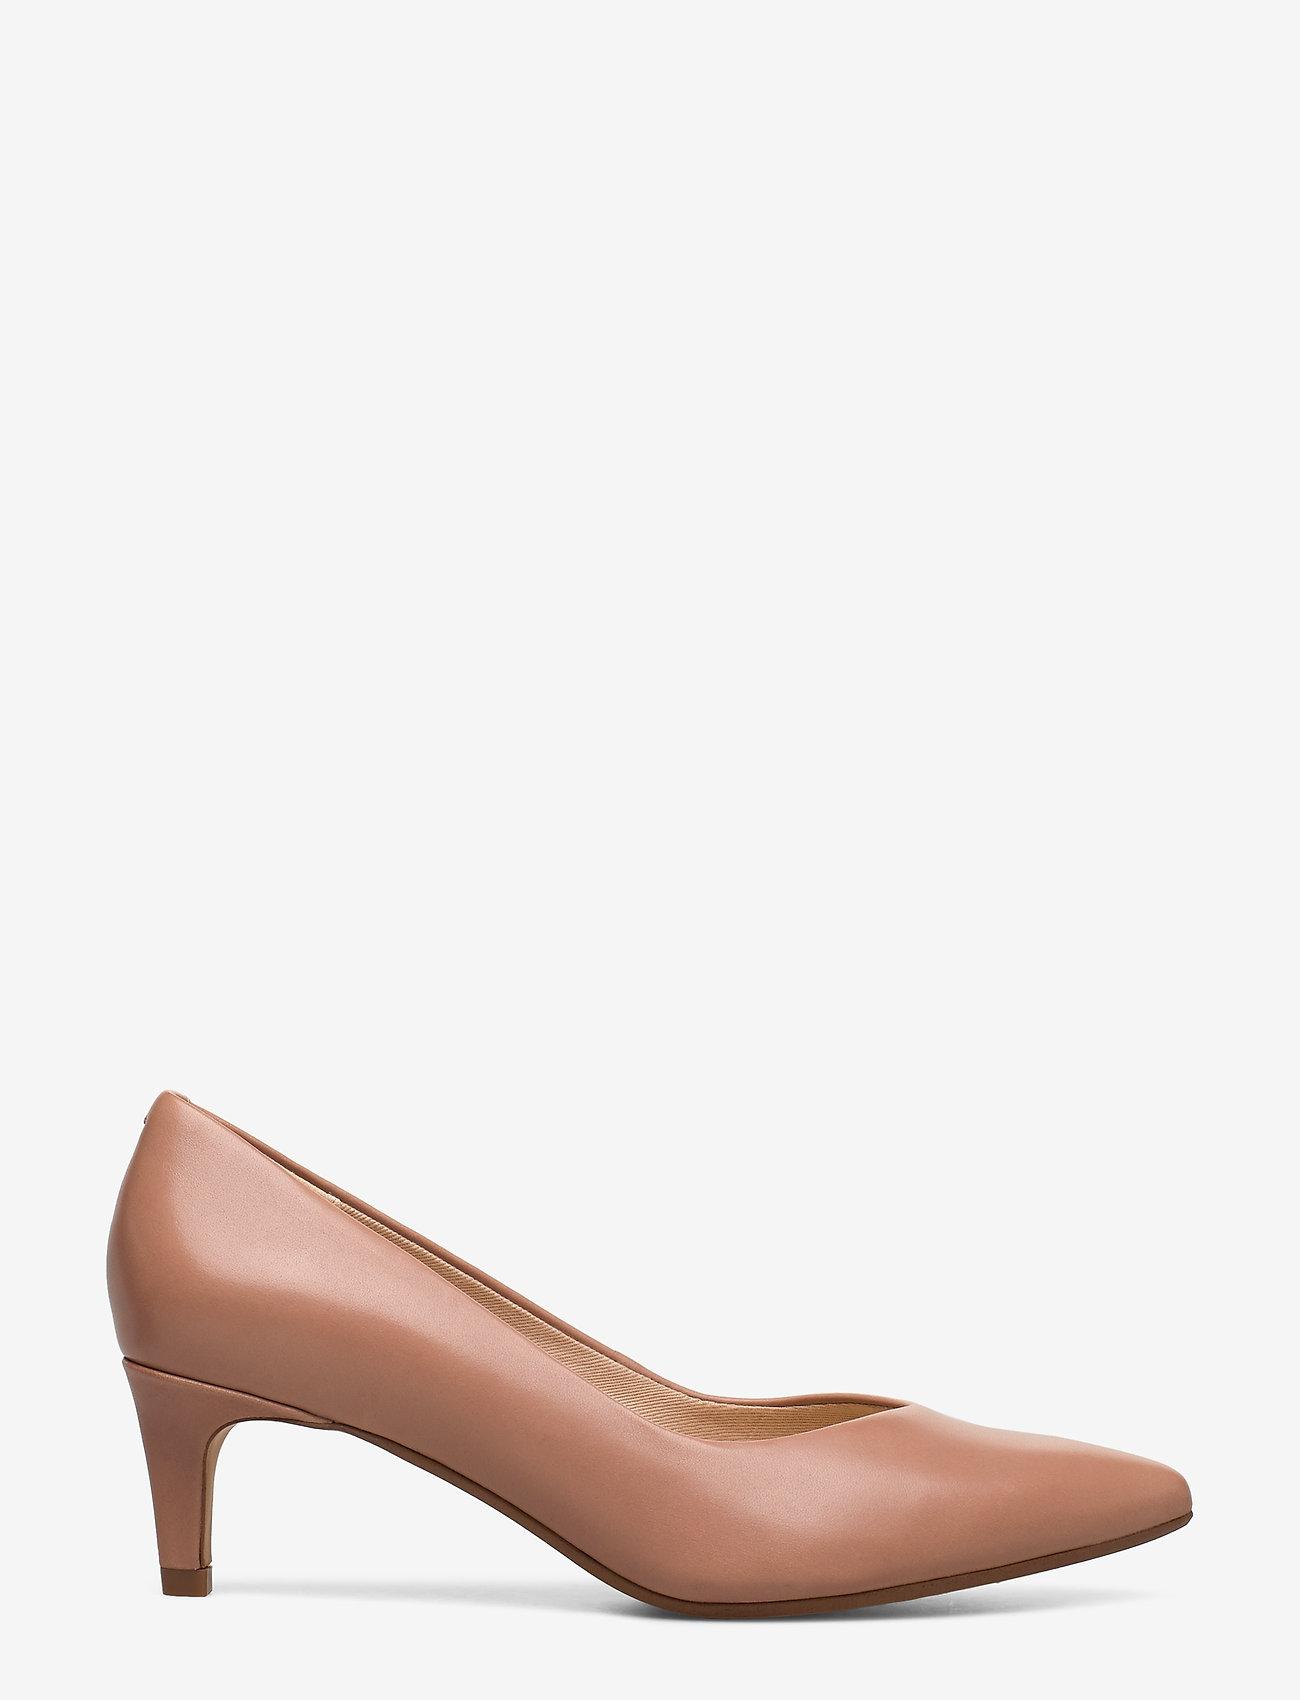 Clarks - Laina55 Court - escarpins classiques - praline leather - 1